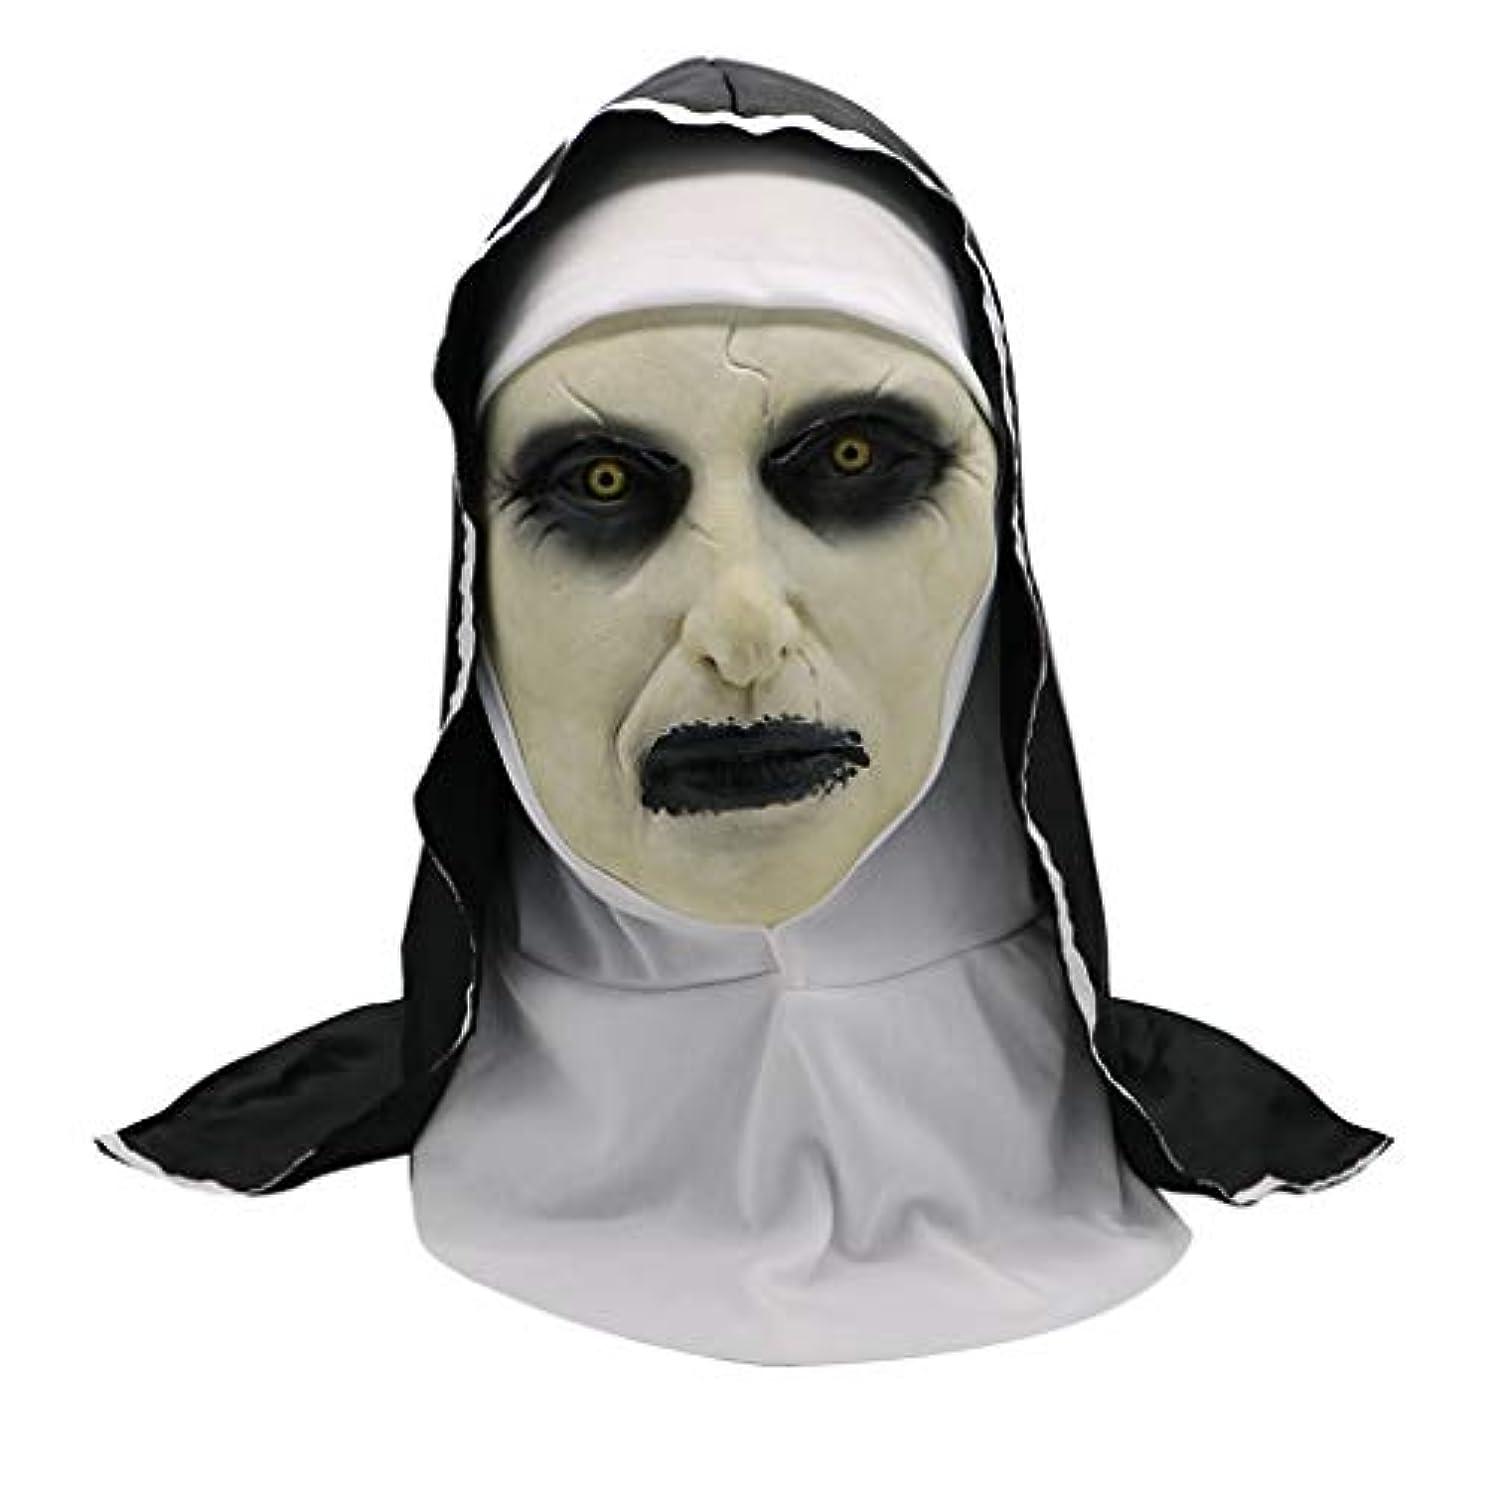 限界印刷する運営ラテックスヘッドマスク、ホラーゴーストヌンホラーハロウィンファンシードレスパーティー